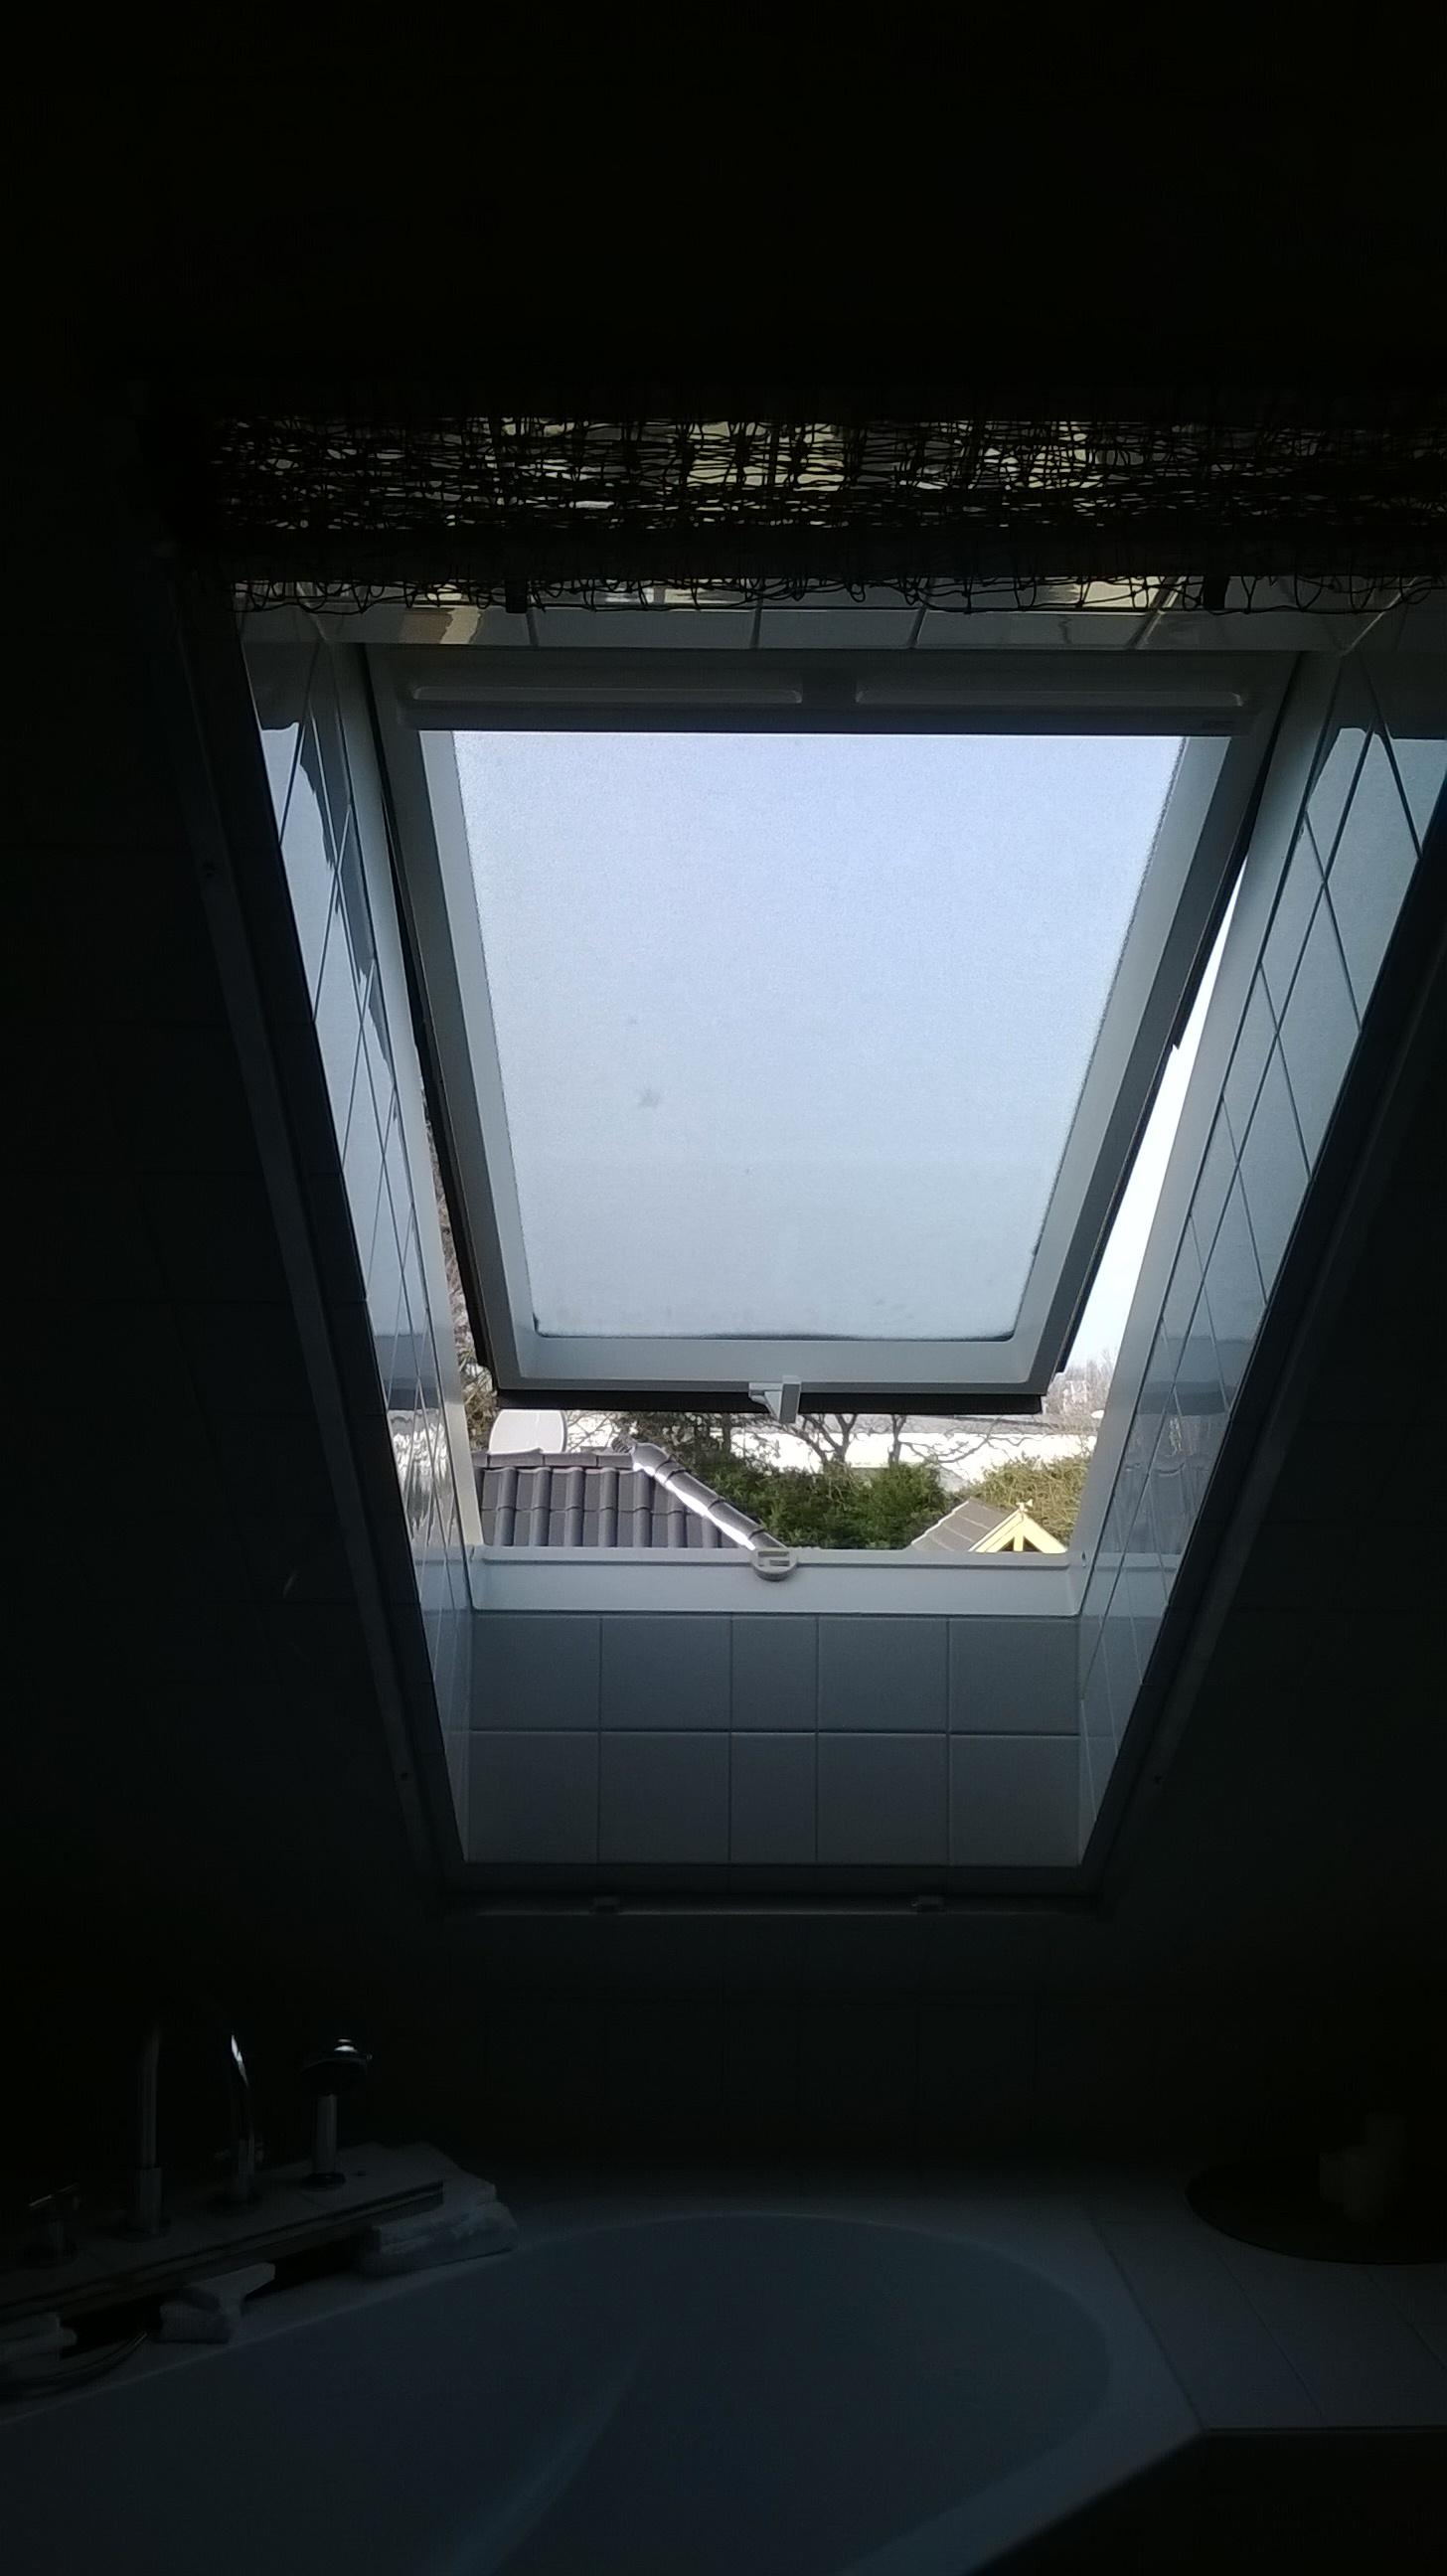 das katzennetz raff rollo f r dachfenster katzennetze nrw. Black Bedroom Furniture Sets. Home Design Ideas